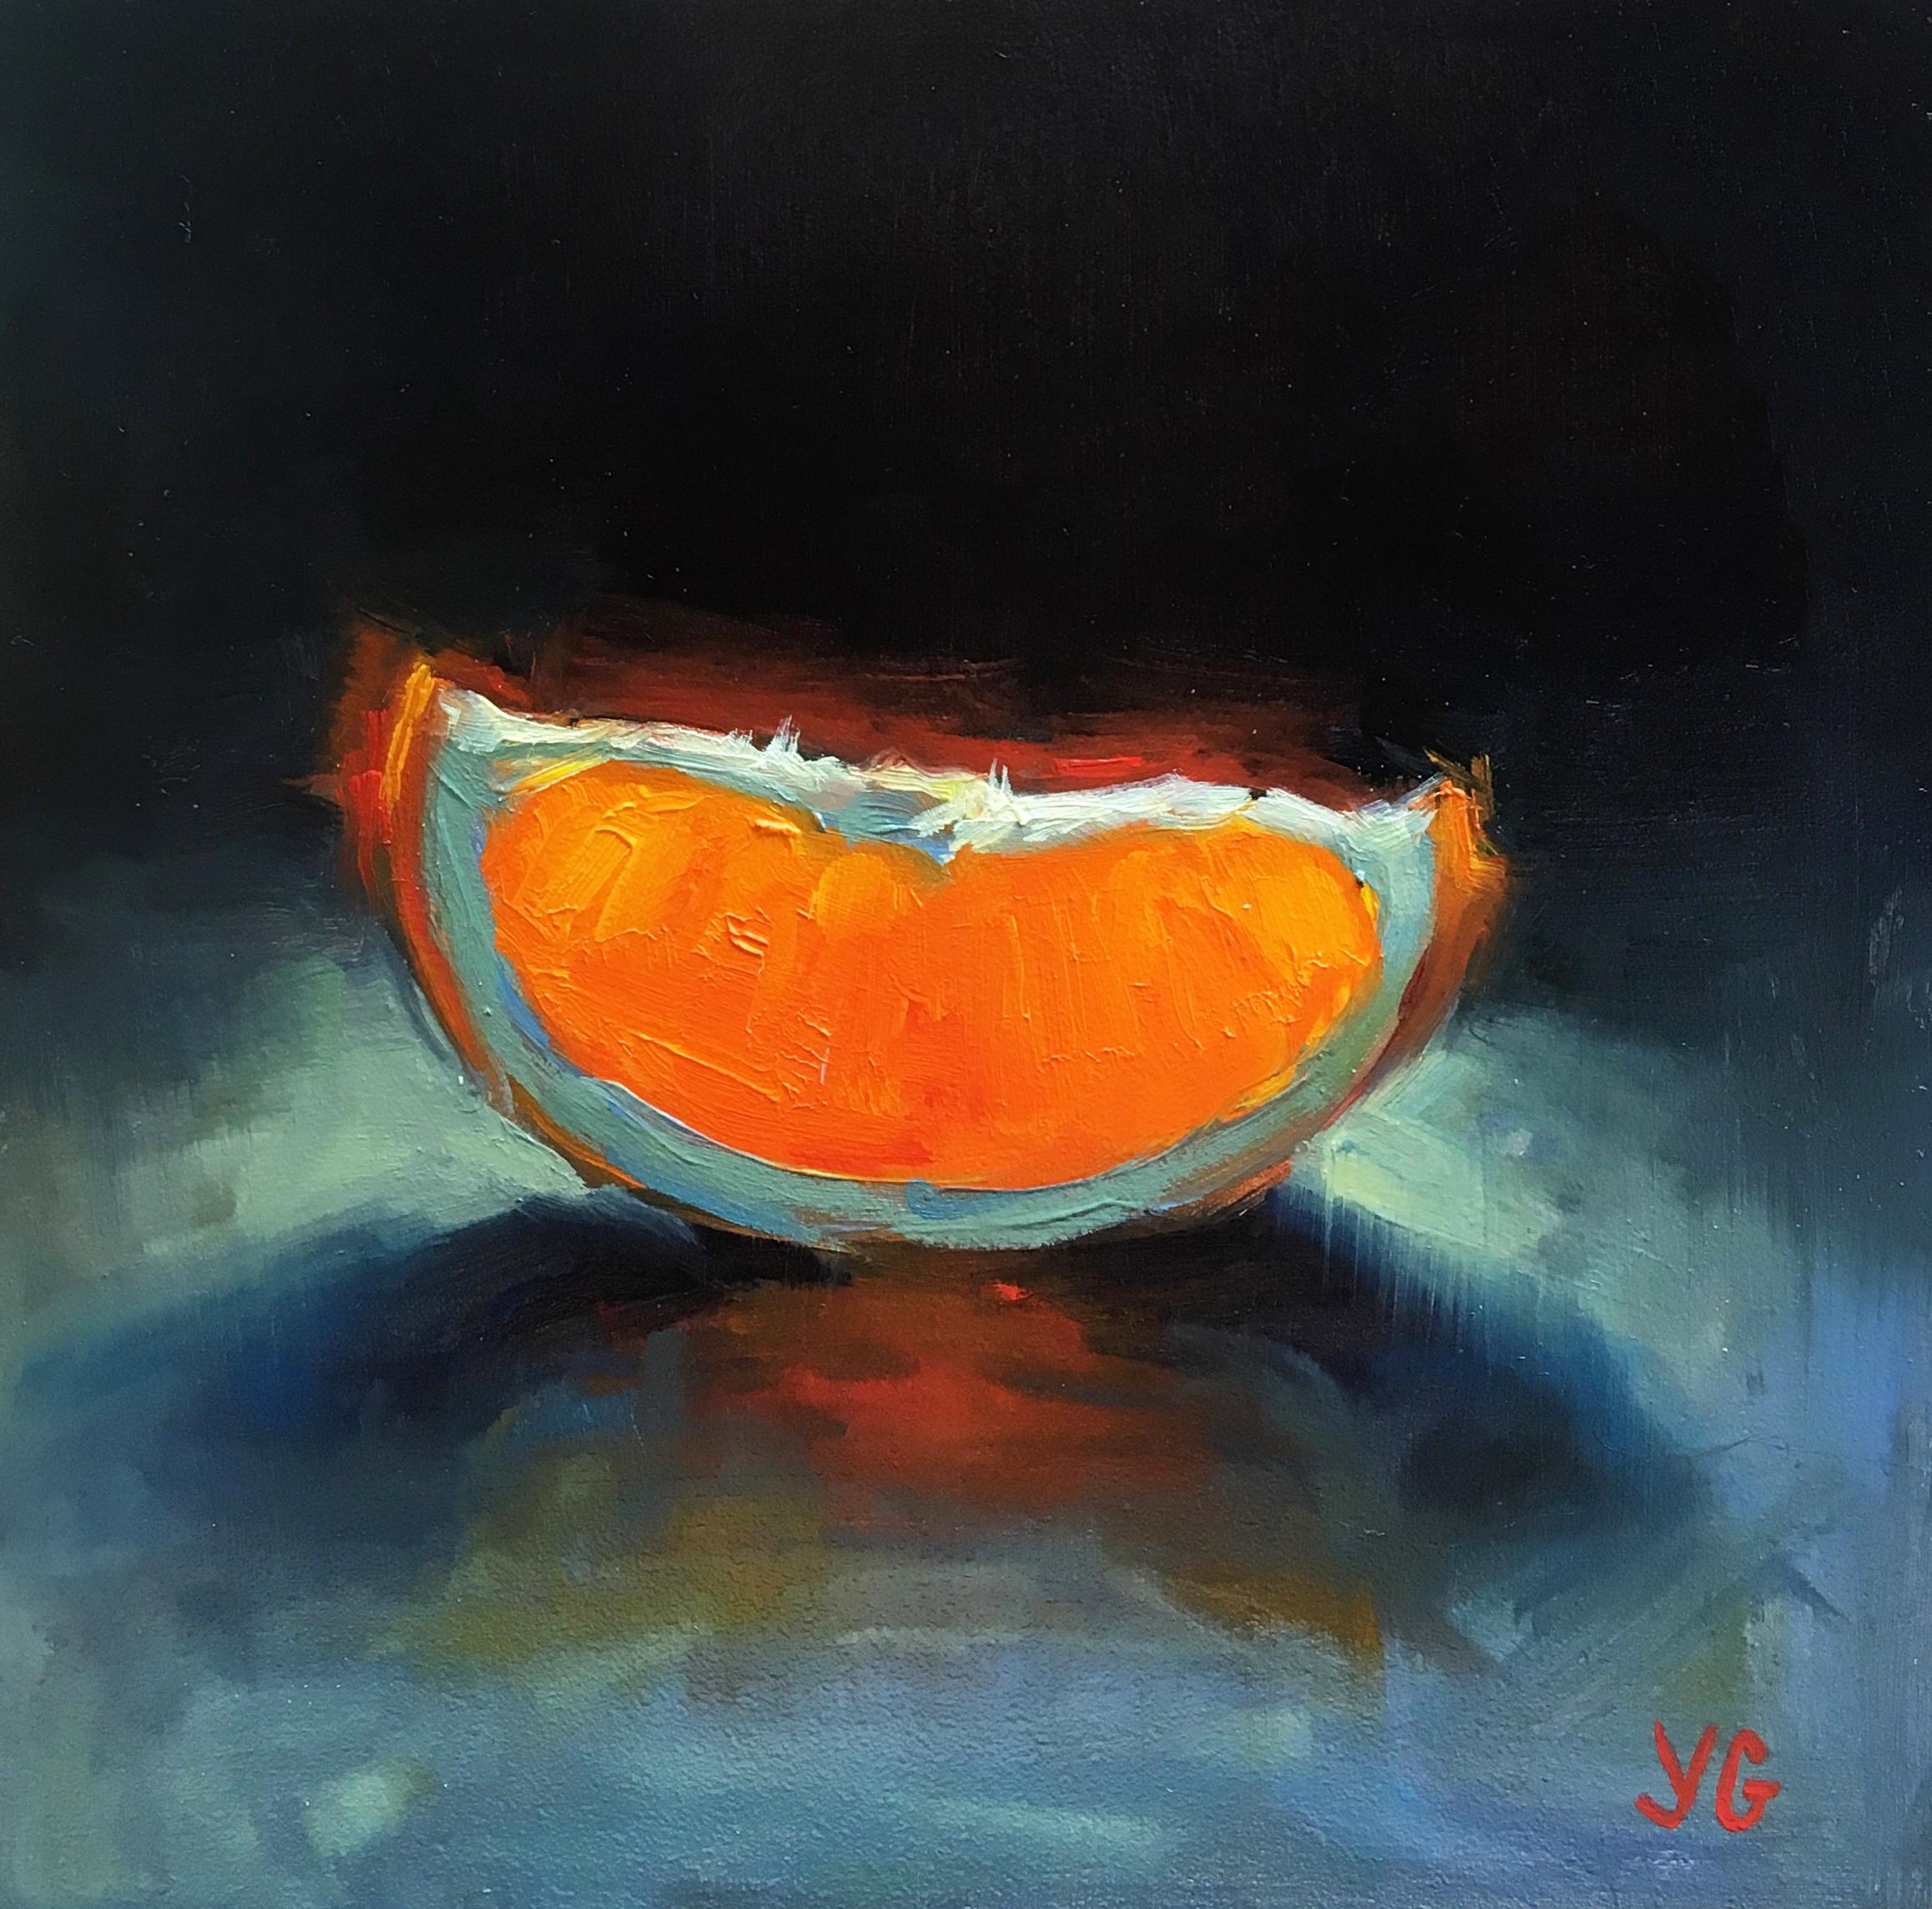 Orange Slice. Oil on board. 5*5in